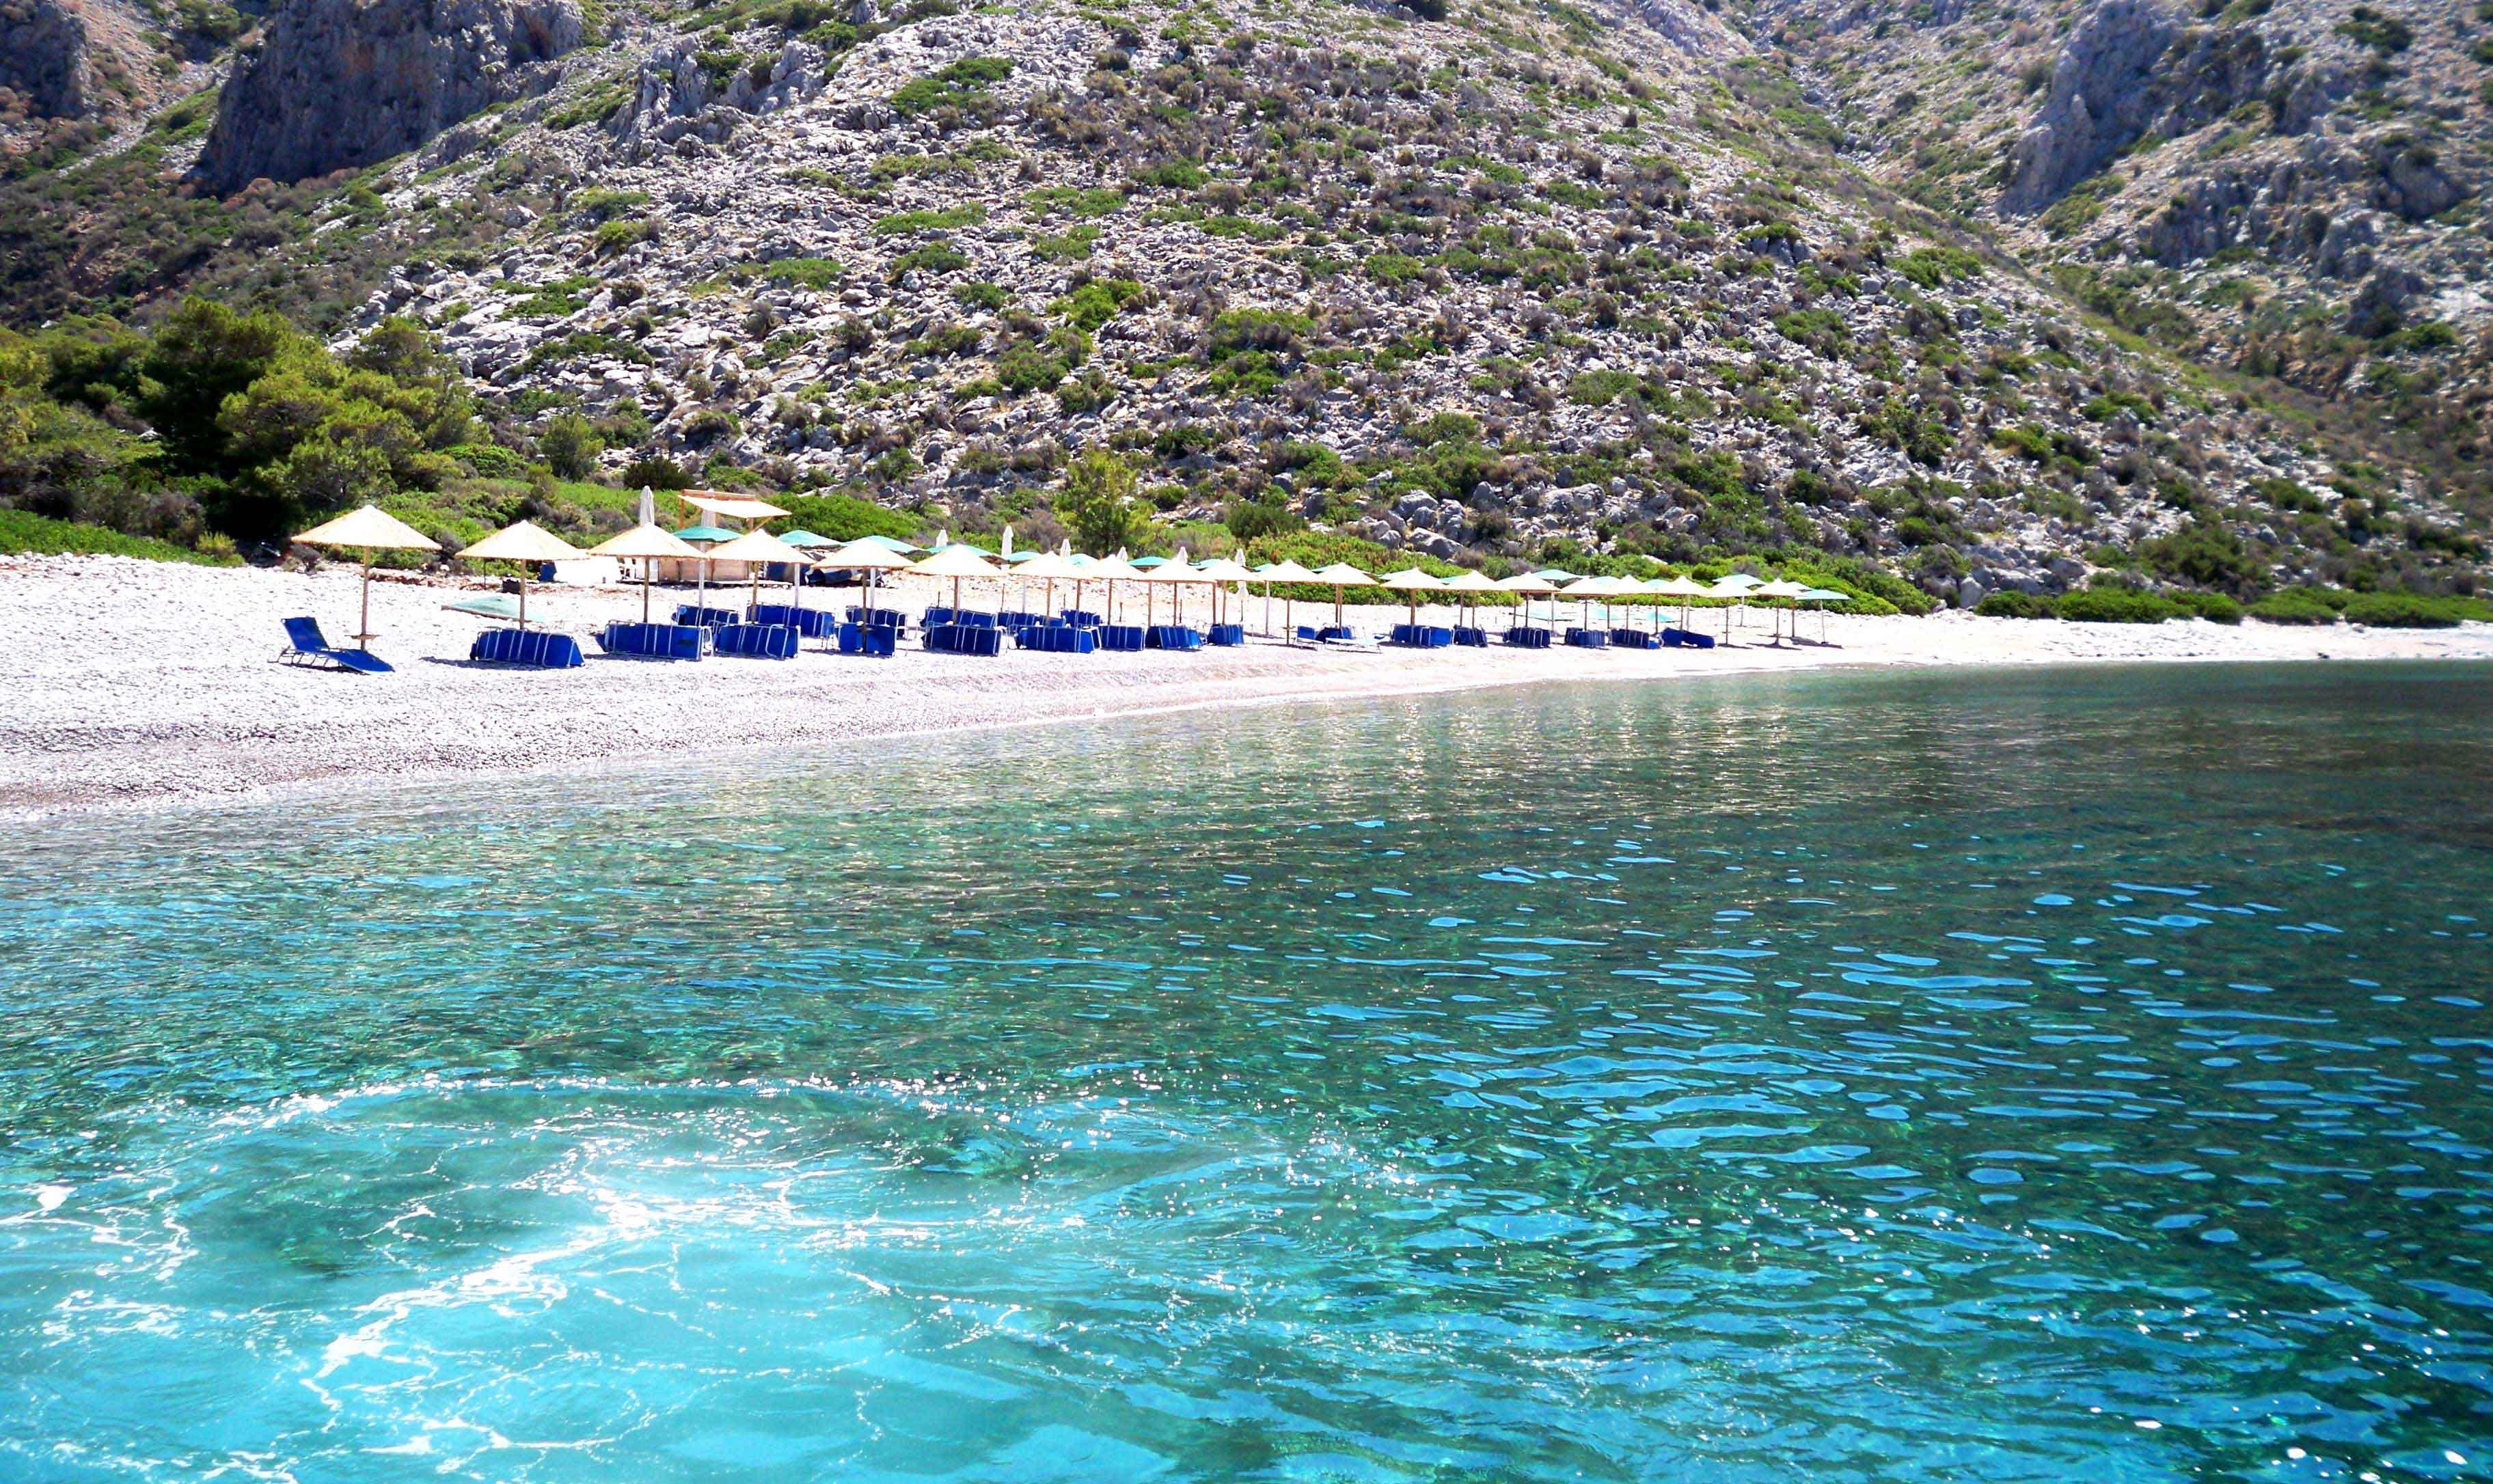 Najlepše plaže u Grčkoj: grčko ostrvo Hidra, plaža Agios Nikolaos